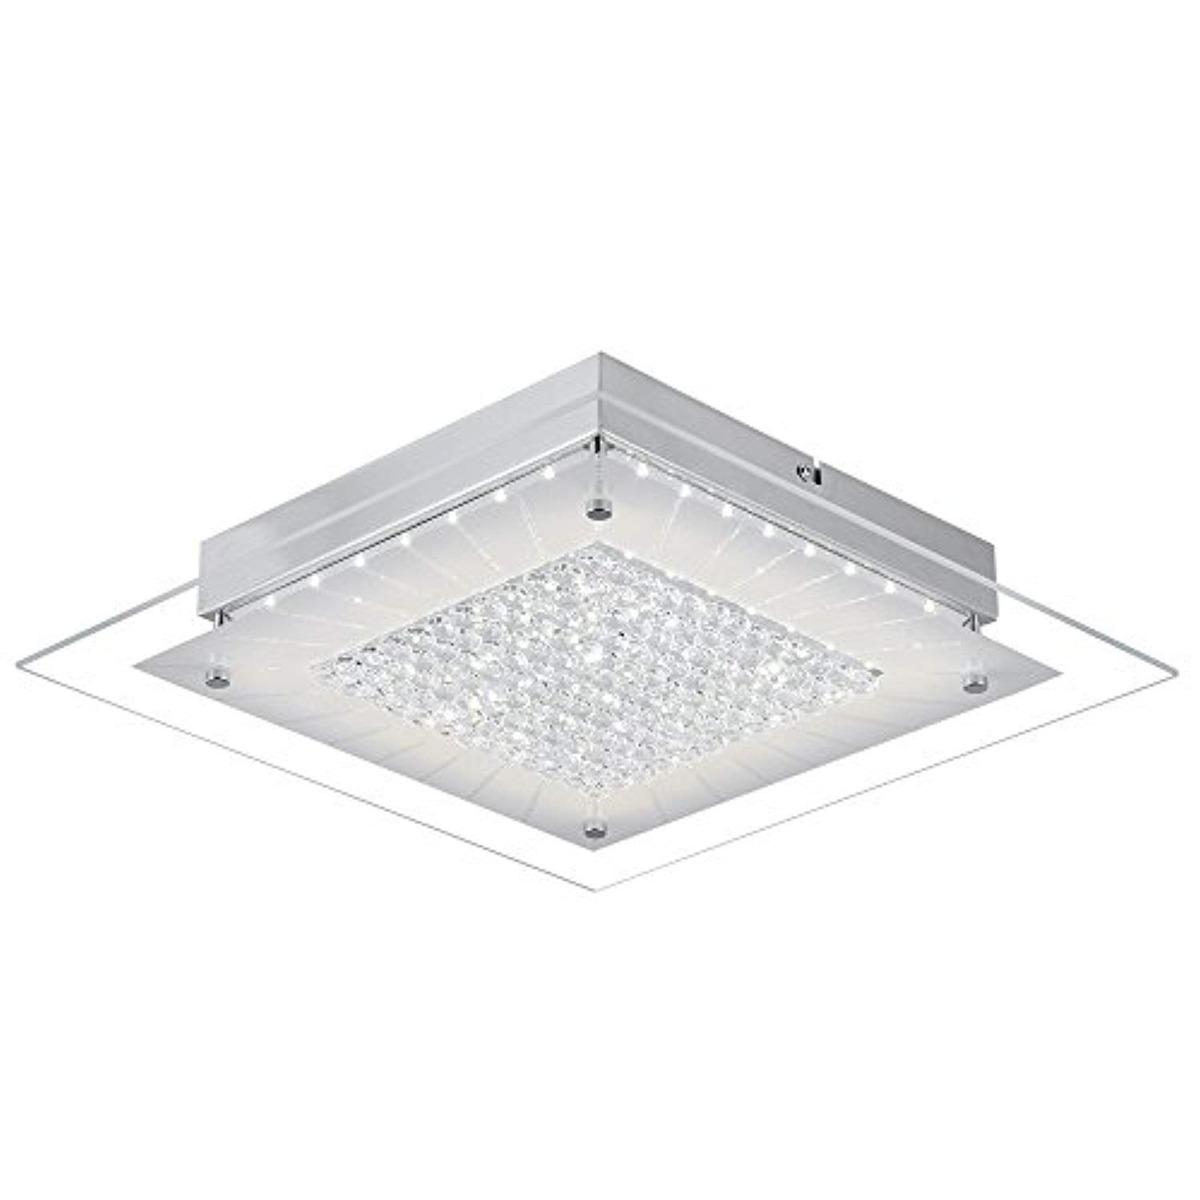 wholesale dealer 48006 8365c Audian Flush Mount Ceiling Light Lamp Dimmable